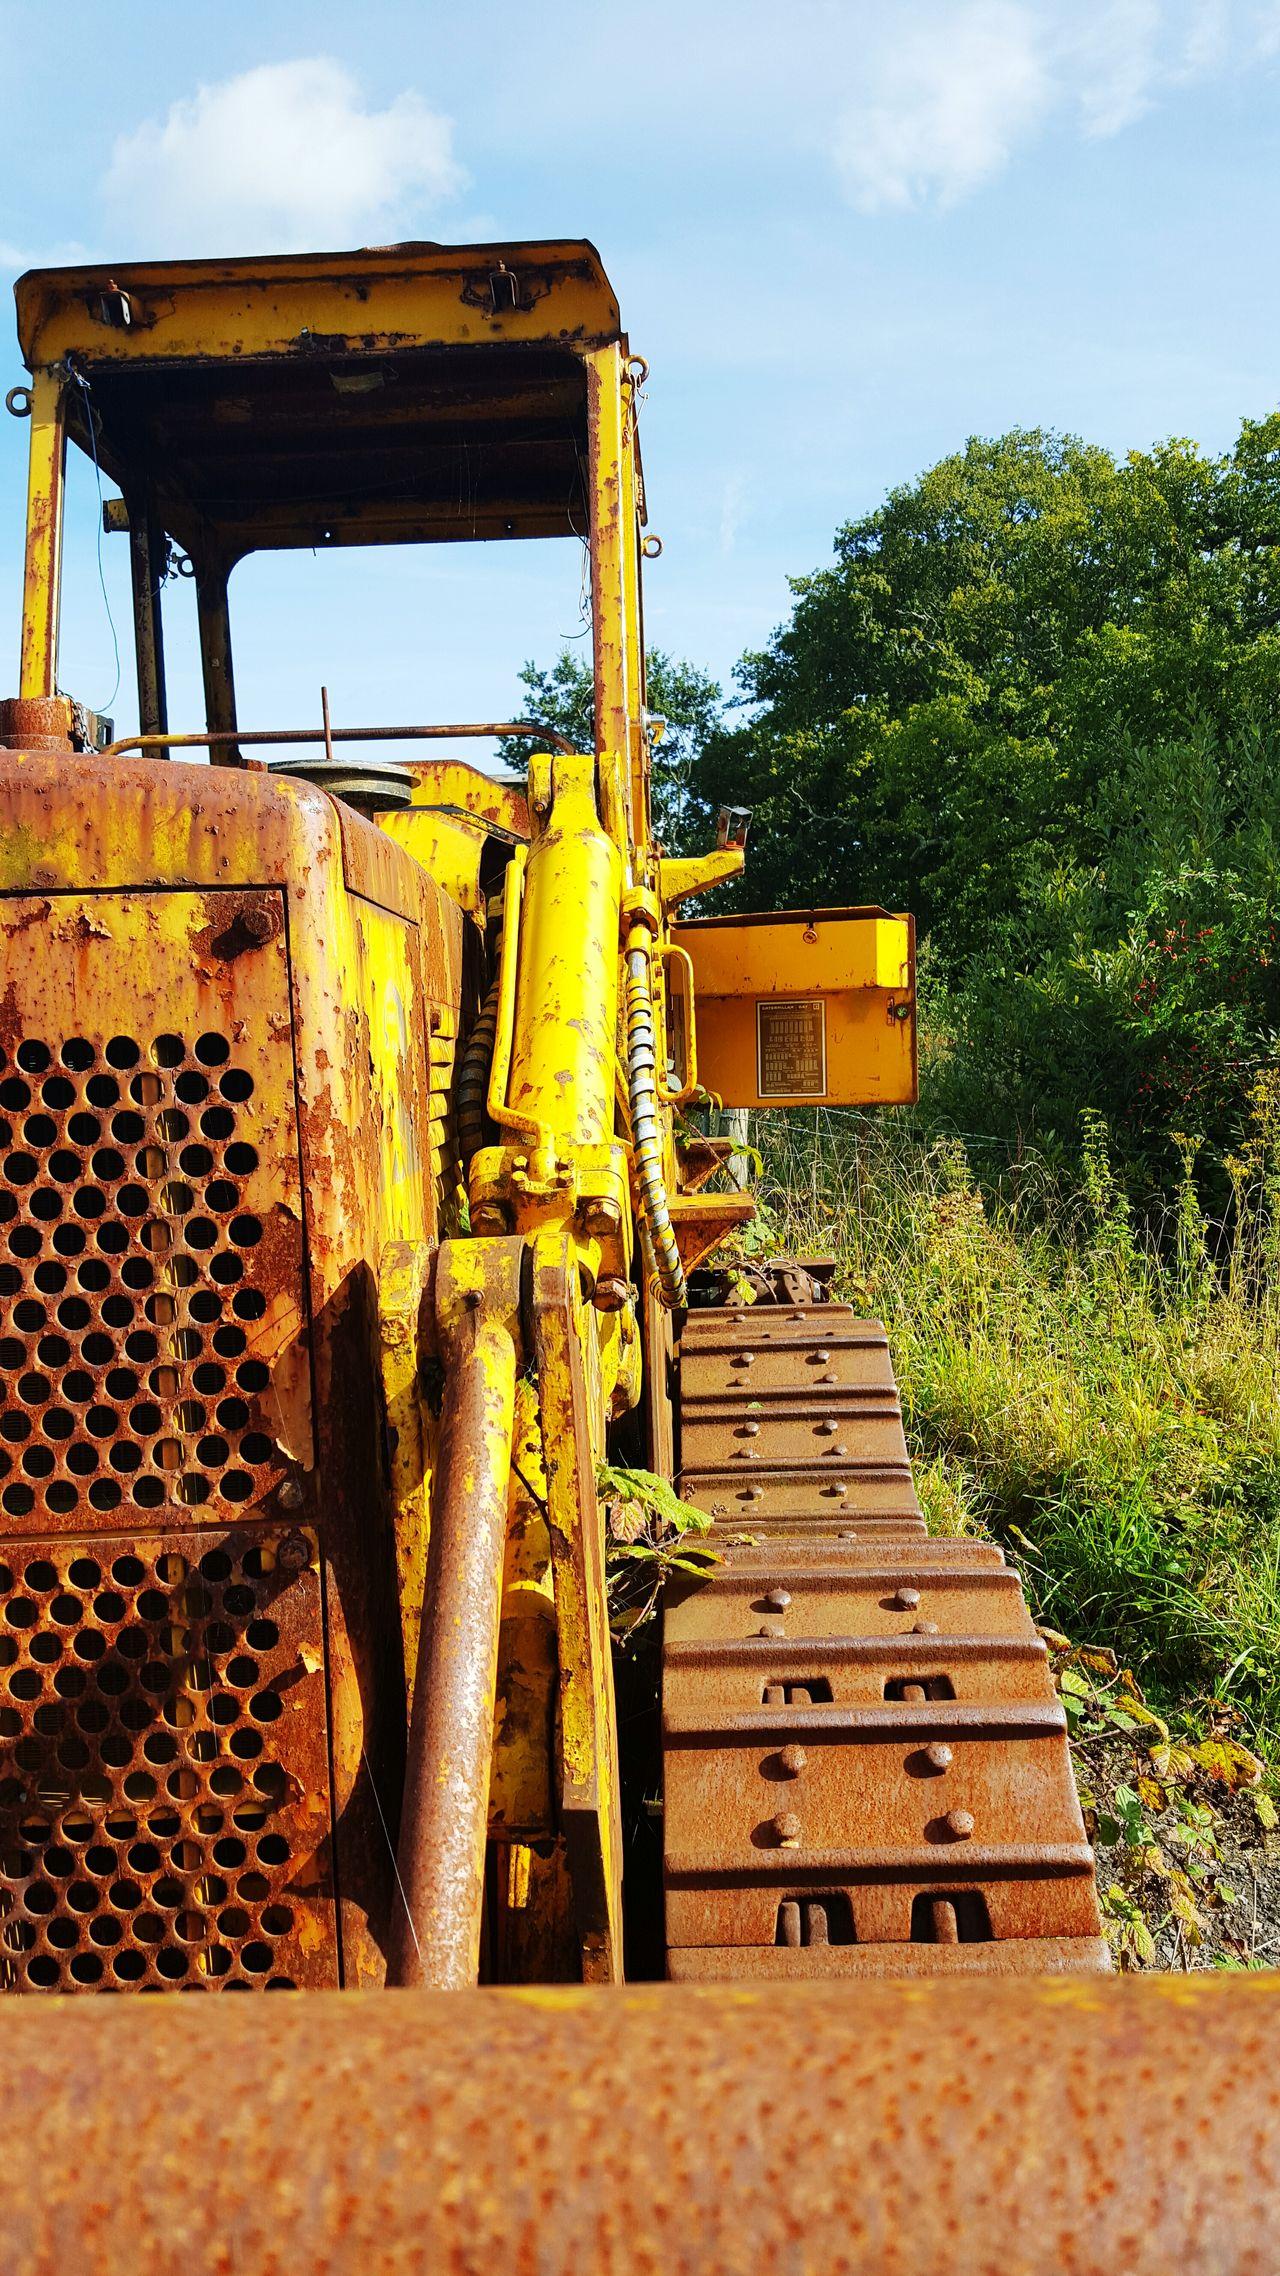 Abandoned Tractors Yellow Broken Tractors Rusty Things Old Tractors Vintage Tractors